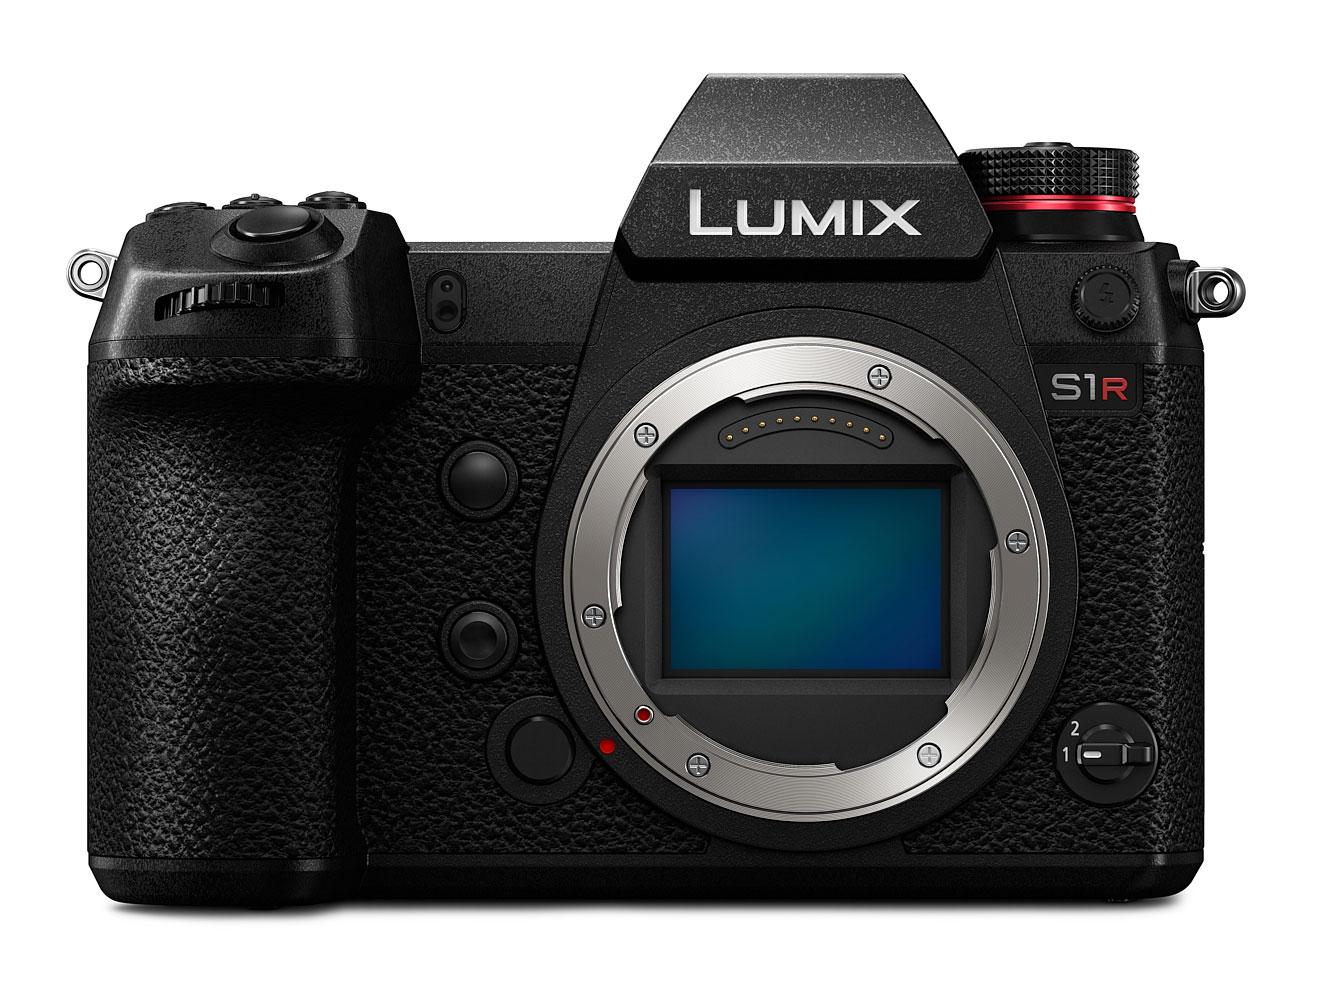 Nejlepší full-frame podle serveru DxOMark? Panasonic Lumix S1R!